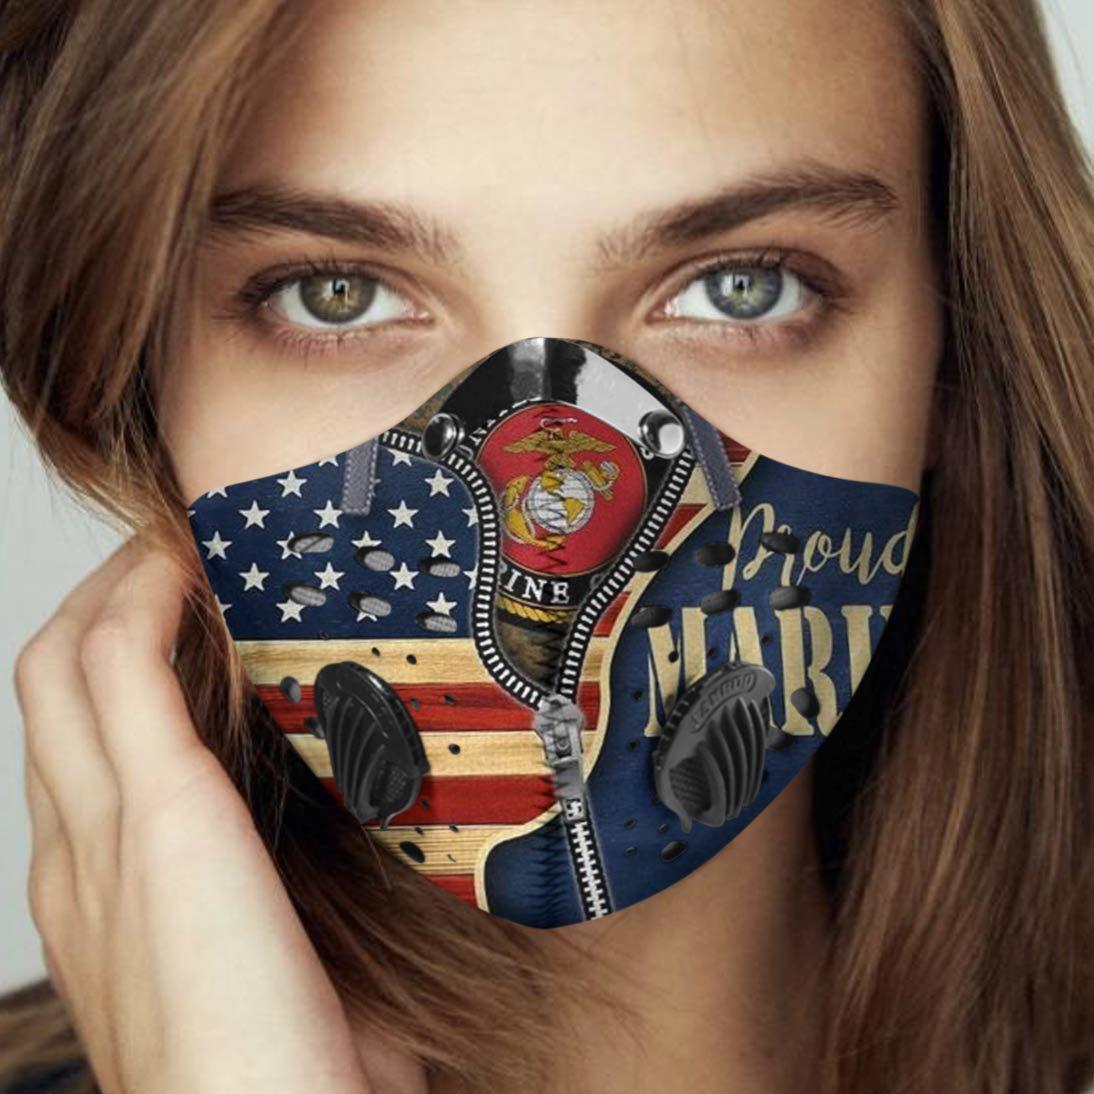 Proud marine carbon pm 2,5 face mask 2